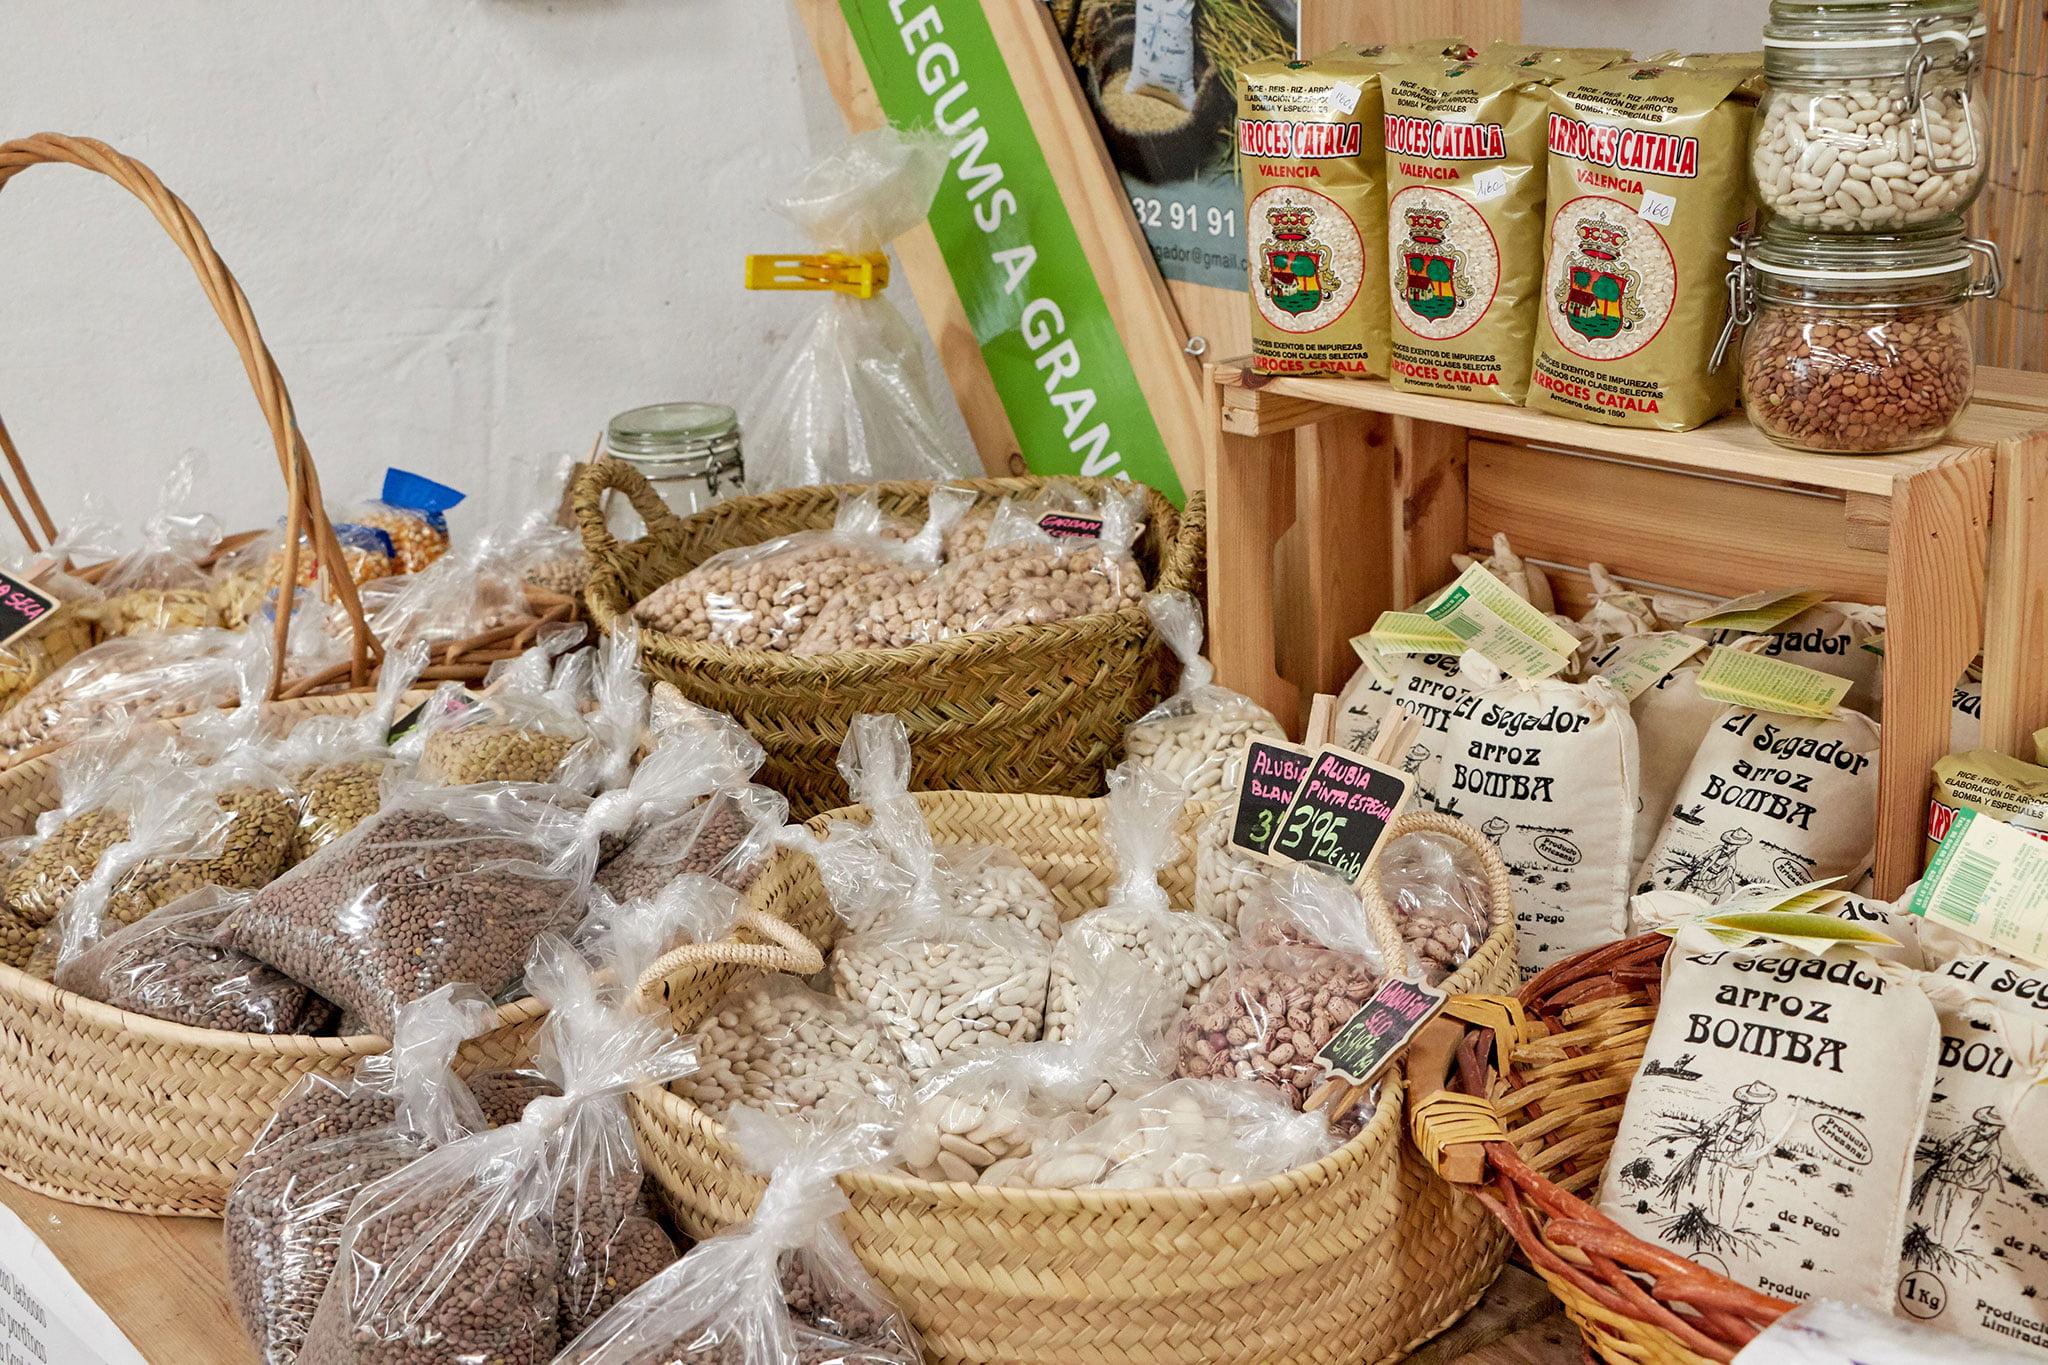 Legumbres a granel en Dénia, en La Nau d'Orozco – Frutas y verduras Orozco